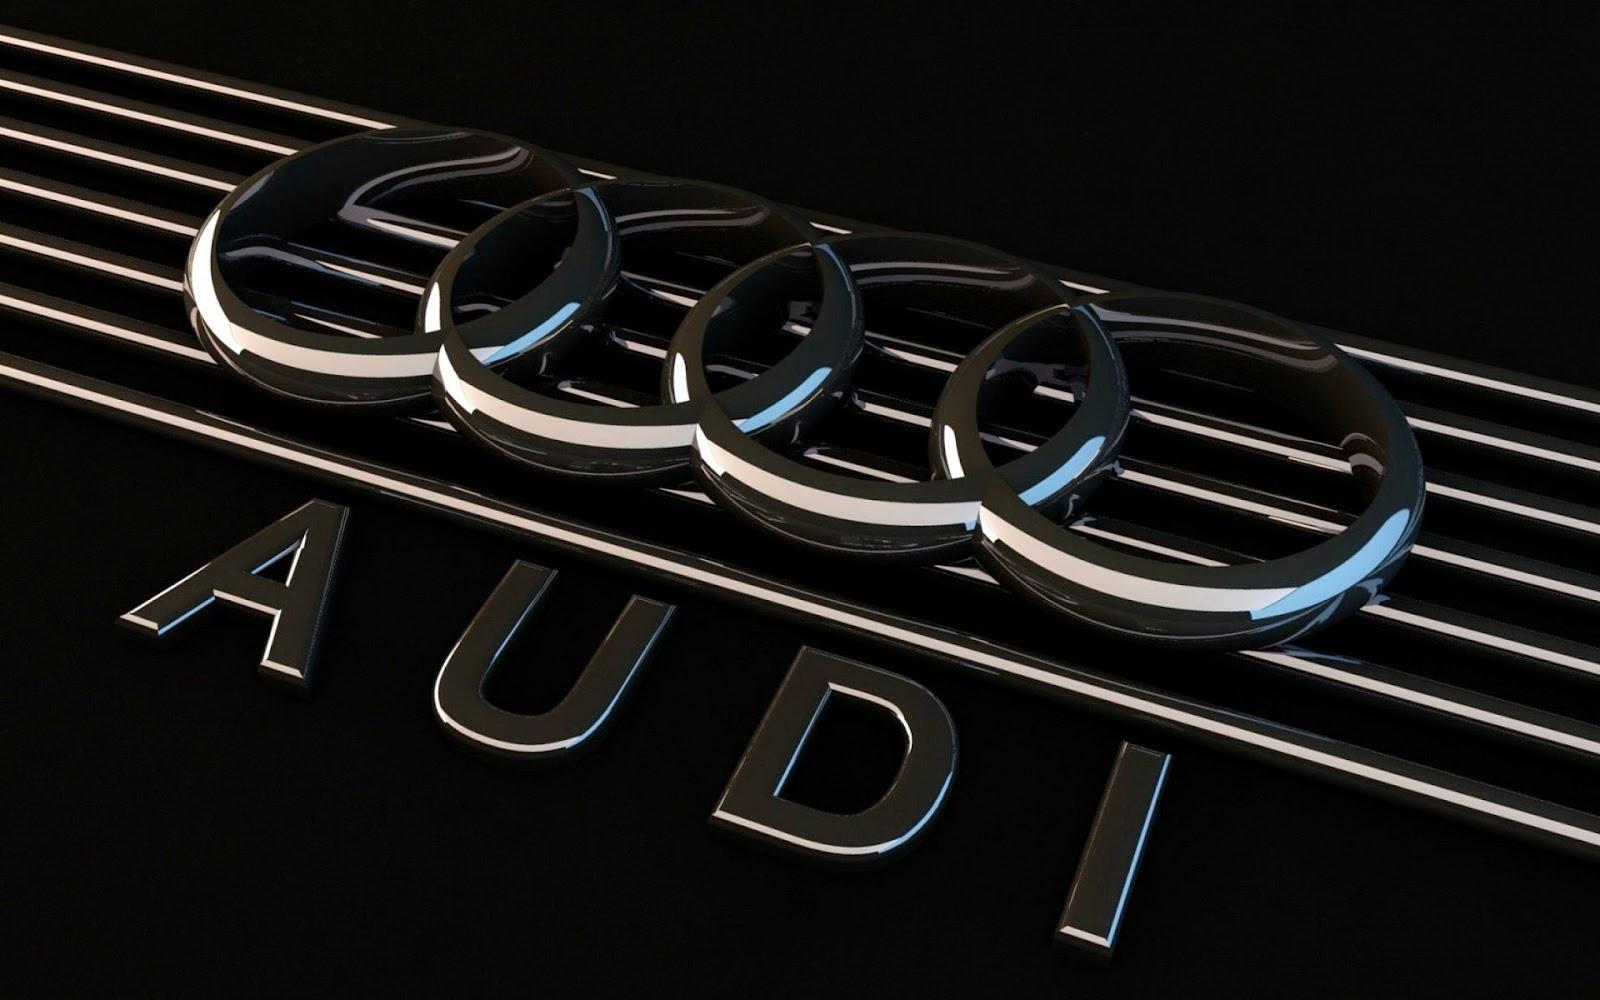 Zwarte Audi wallpaper in 3D met naam Audi en logo